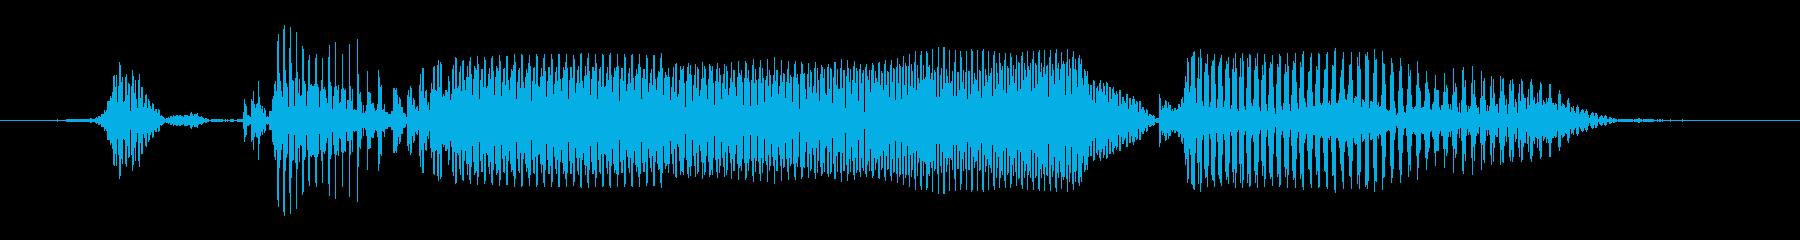 シニア女性B:私は何もわからないの再生済みの波形